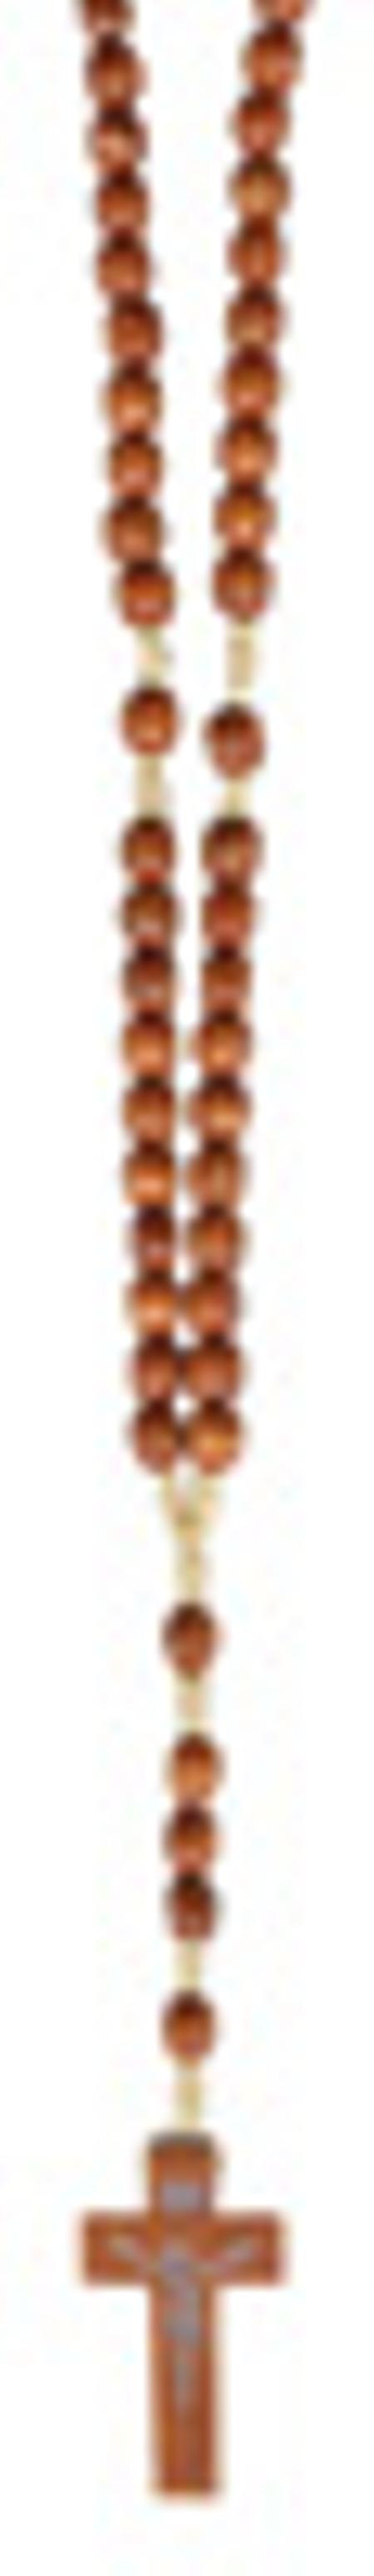 ROZENKRANS - houten parels - ovaal - gegraveert - 35 cm lang - geknoopt